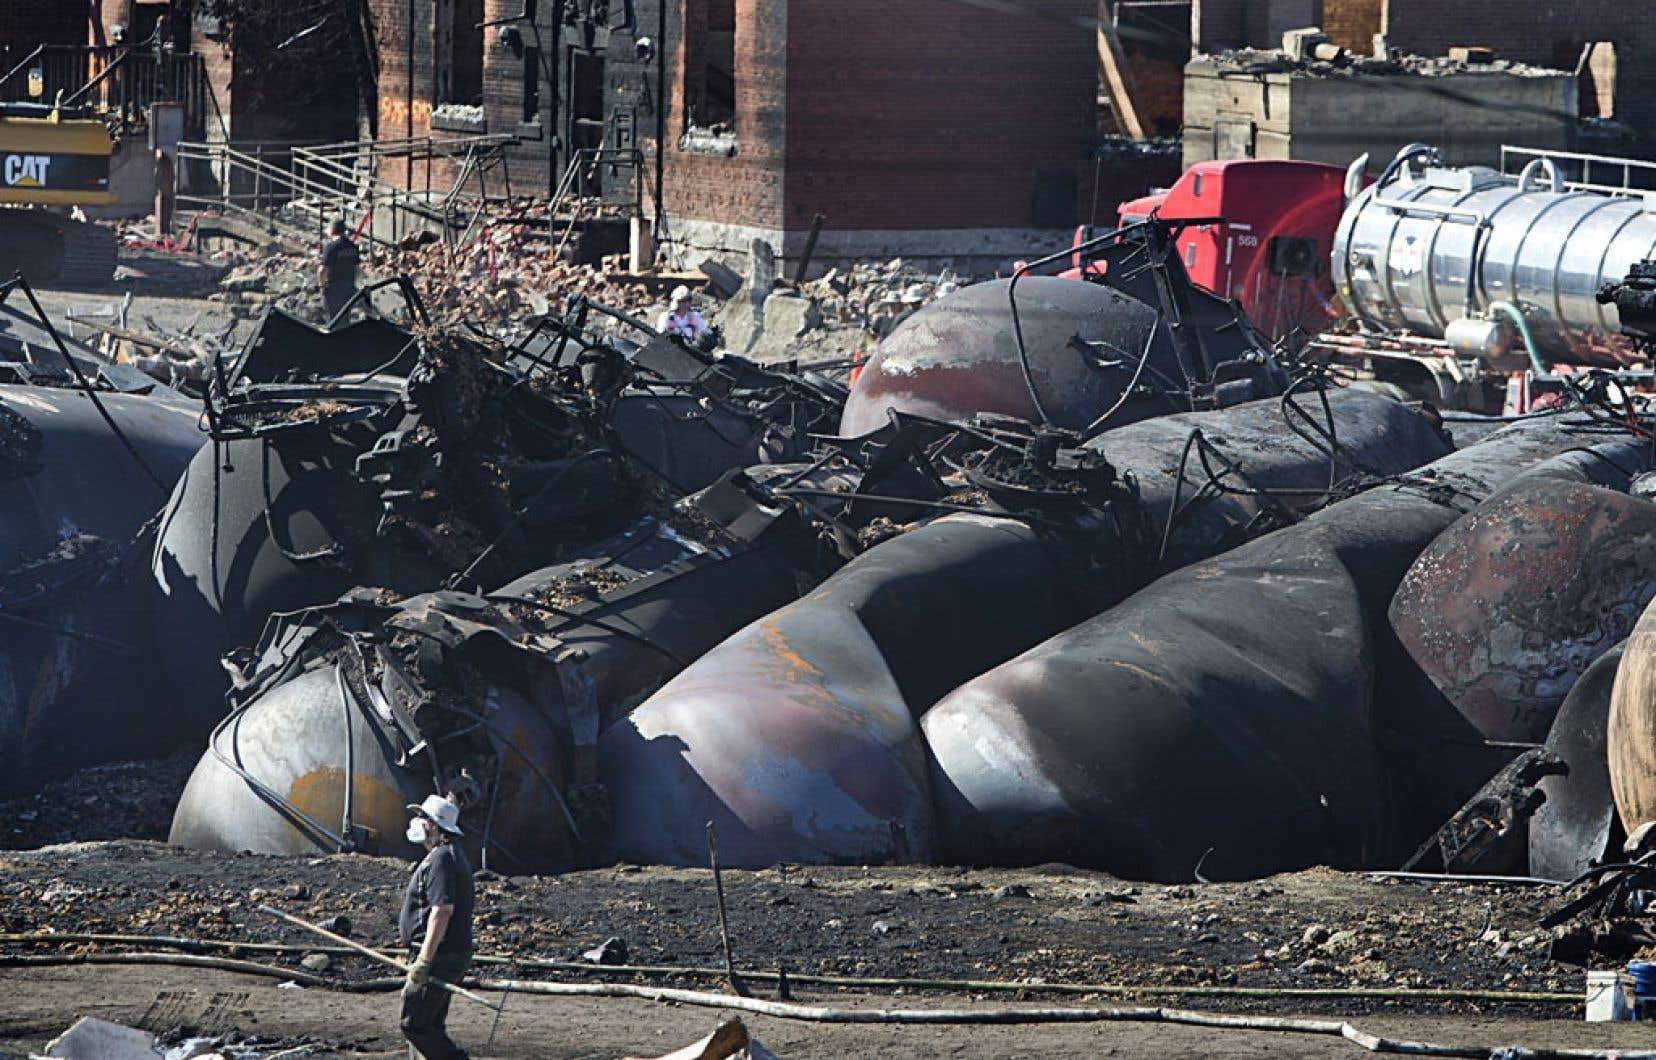 L'explosion de plusieurs wagons de pétrole au centre-ville de Lac-Mégantic le 6juillet a montré du doigt les lacunes dans la sécurité ferroviaire.